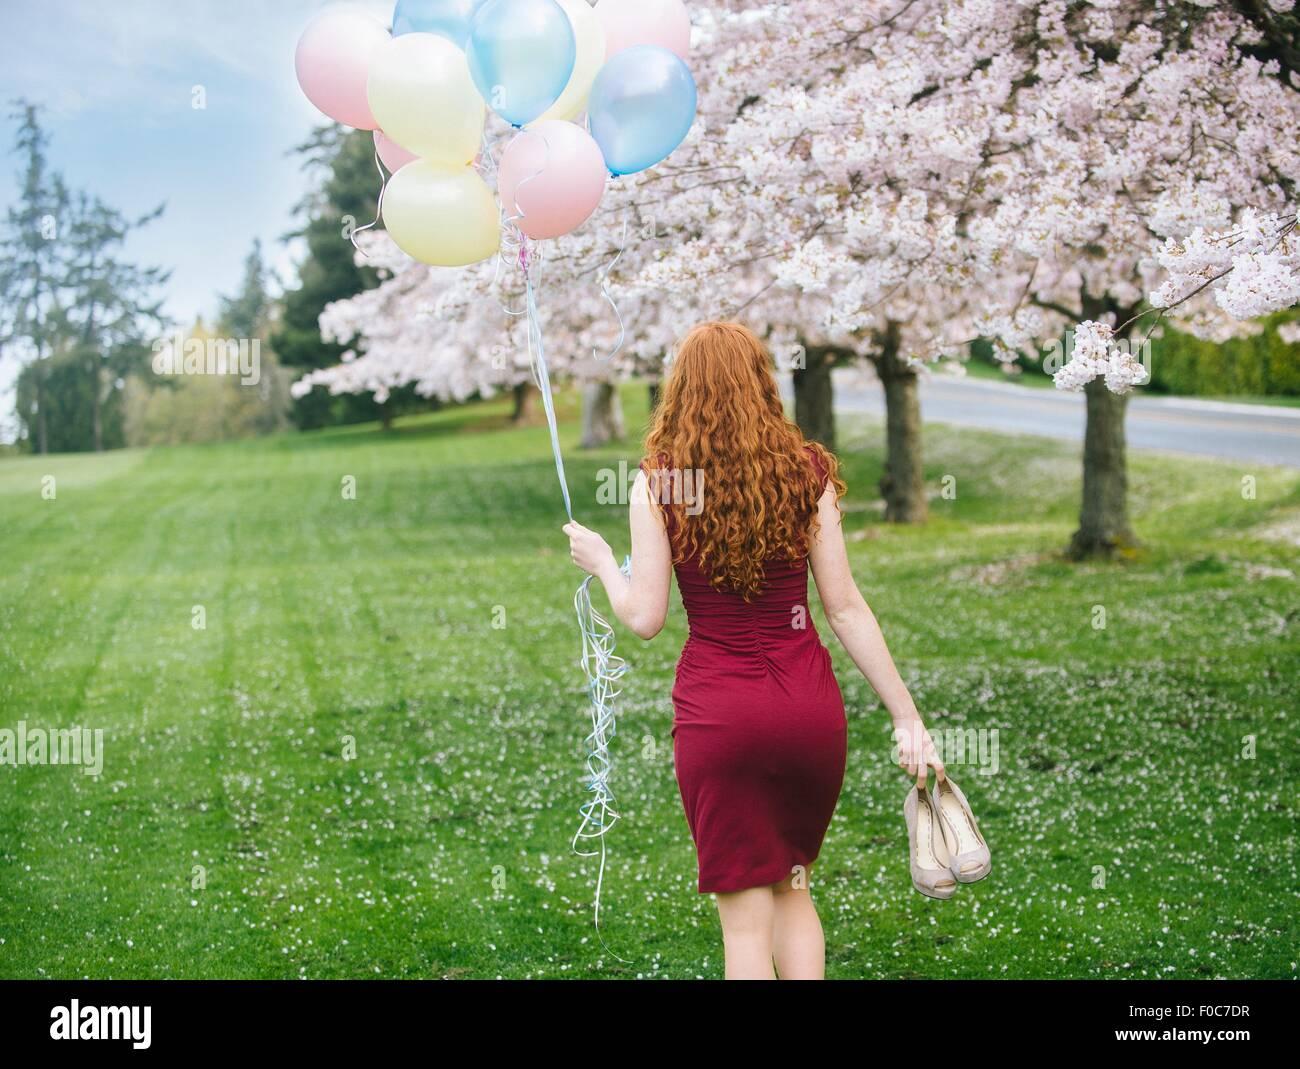 Rückansicht des junge Frau mit langen gewellten roten Haaren und Haufen Luftballons einen Spaziergang im Frühlingspark Stockbild